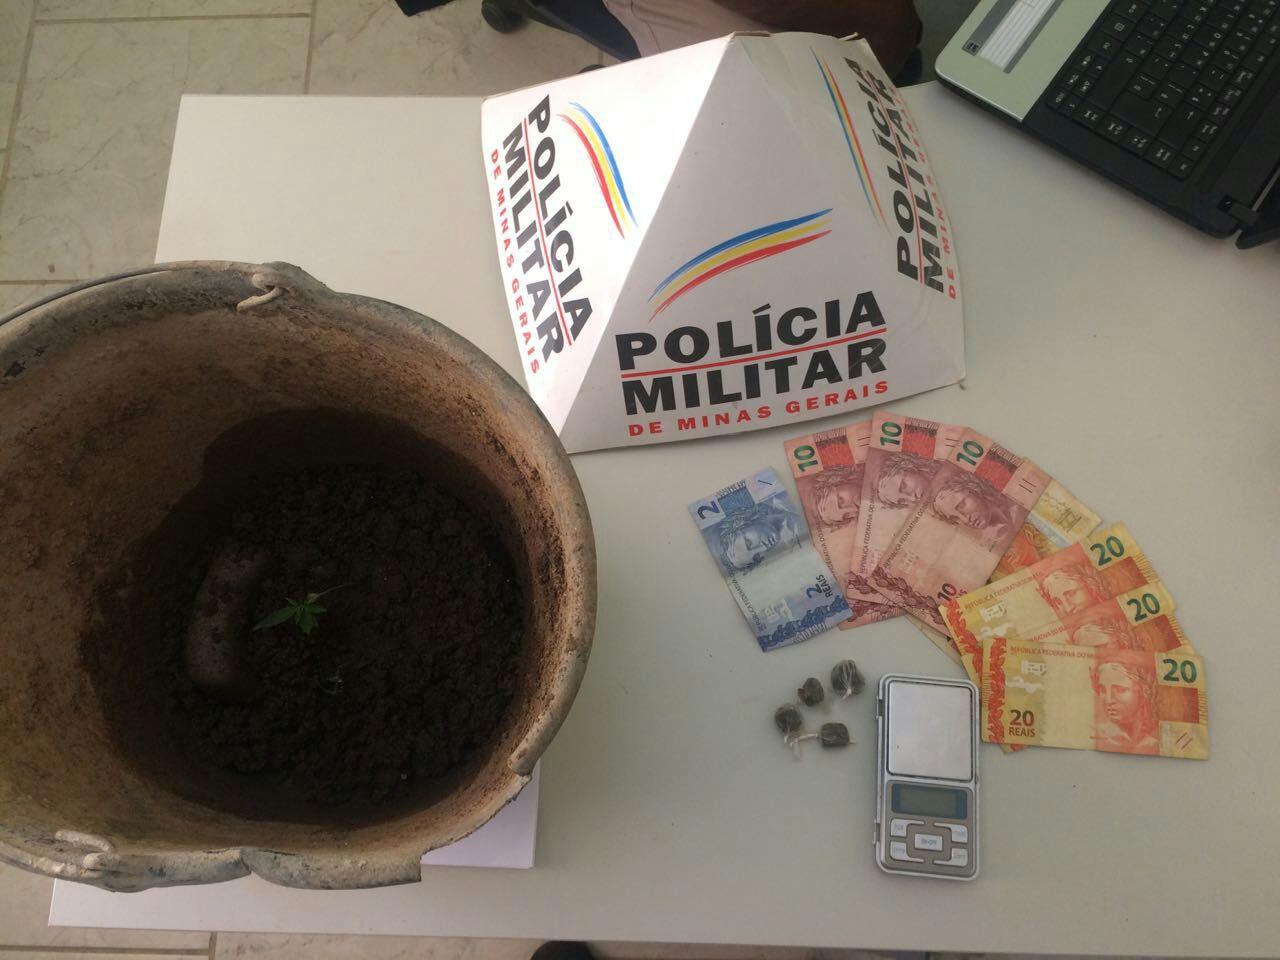 POLÍCIA PRENDE SUSPEITO DE TRÁFICO – DOIS PÉS DE MACONHA PLANTADO EM UM BALDE